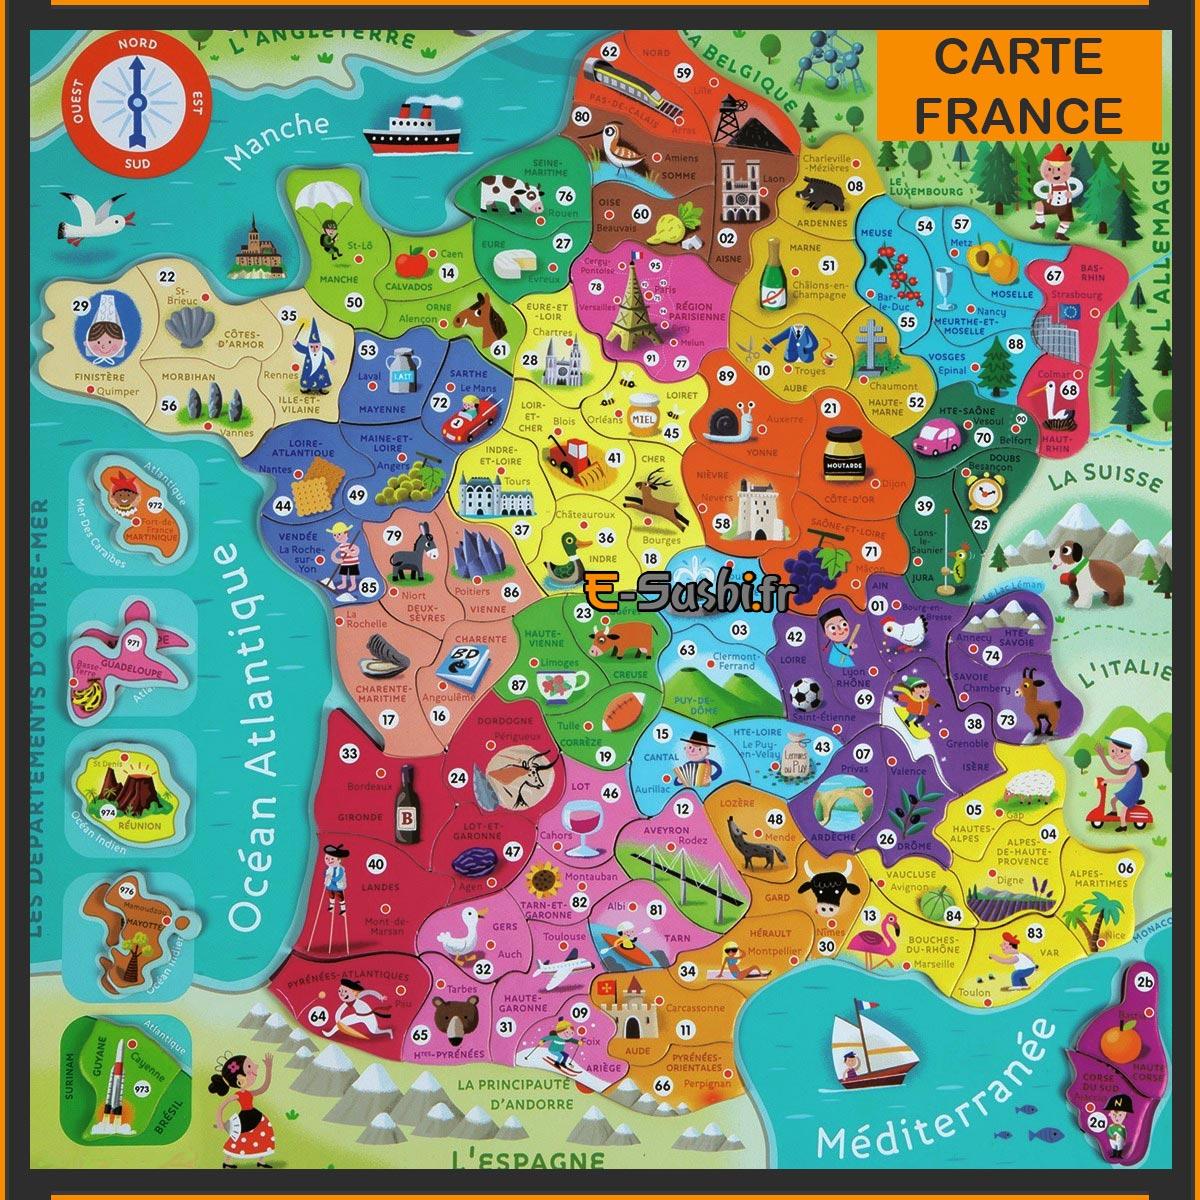 Carte de France Images et Photos - Arts et Voyages